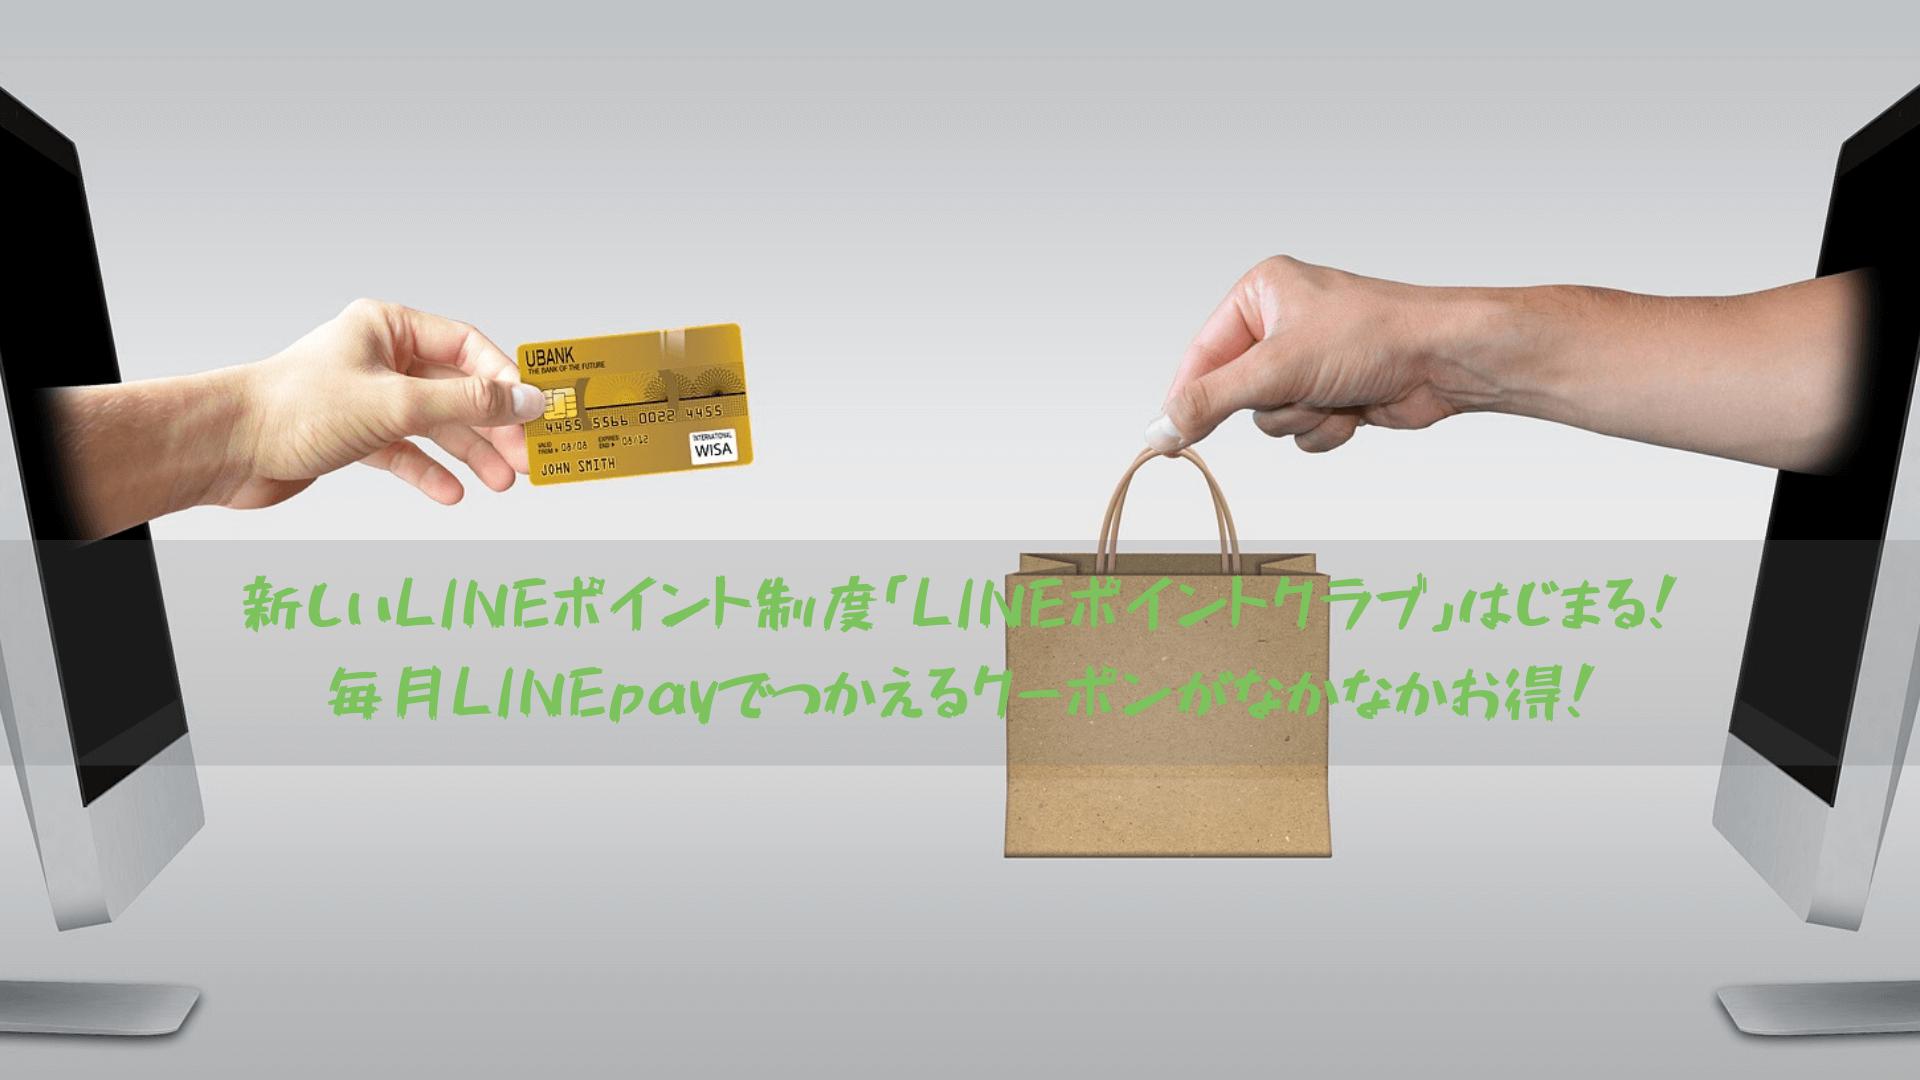 新しいLINEポイント制度「LINEポイントクラブ」はじまる!毎月LINEpayでつかえるクーポンがなかなかお得!